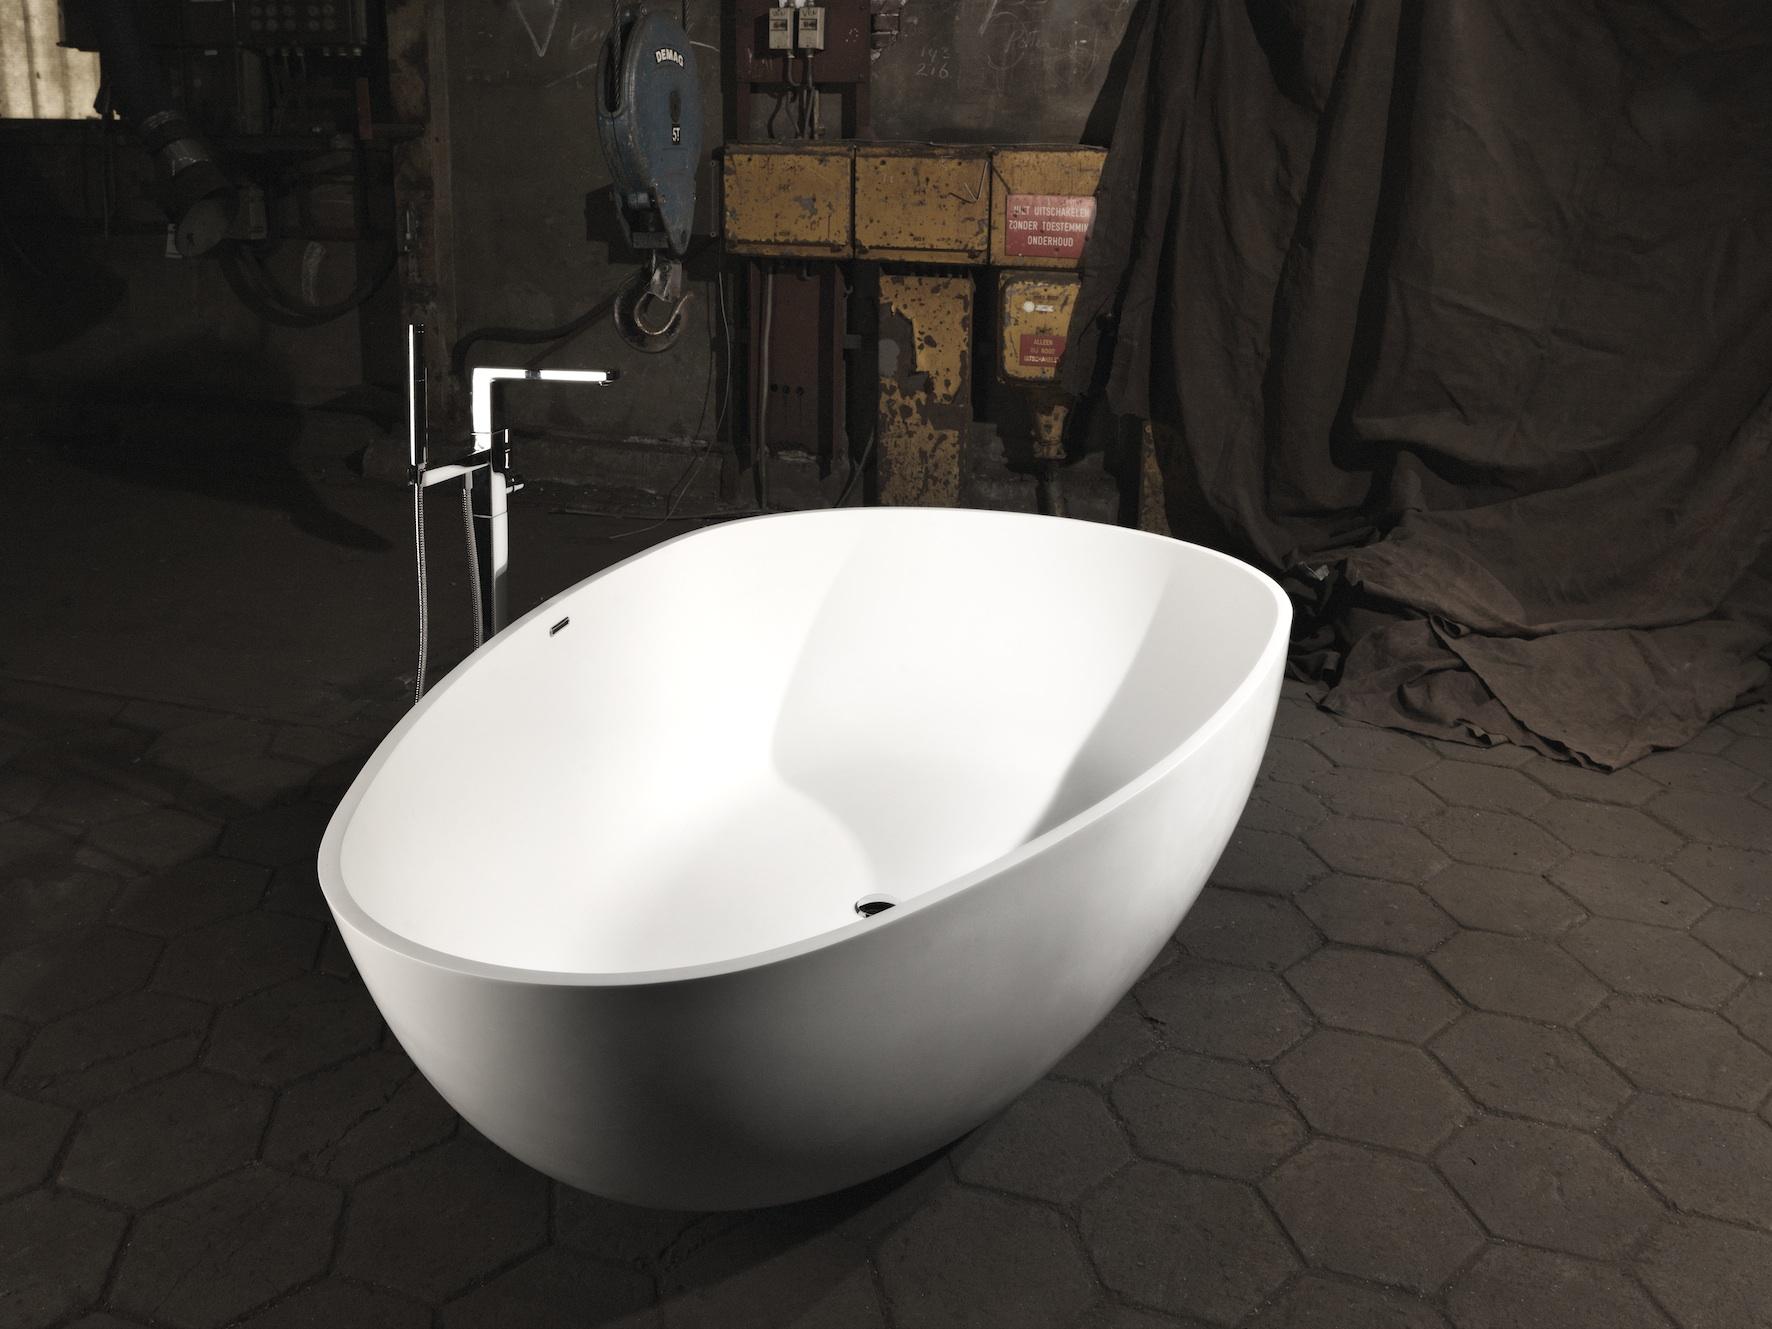 De exclusieve vrijstaande baden van Tortu zijn van hoogwaardige kwaliteit en hebben een prachtig design. Het vrijstaande bad Palau kan worden geleverd in twee verschillende exclusieve materialen:  solid surface (mat) en Stone resin (glans).